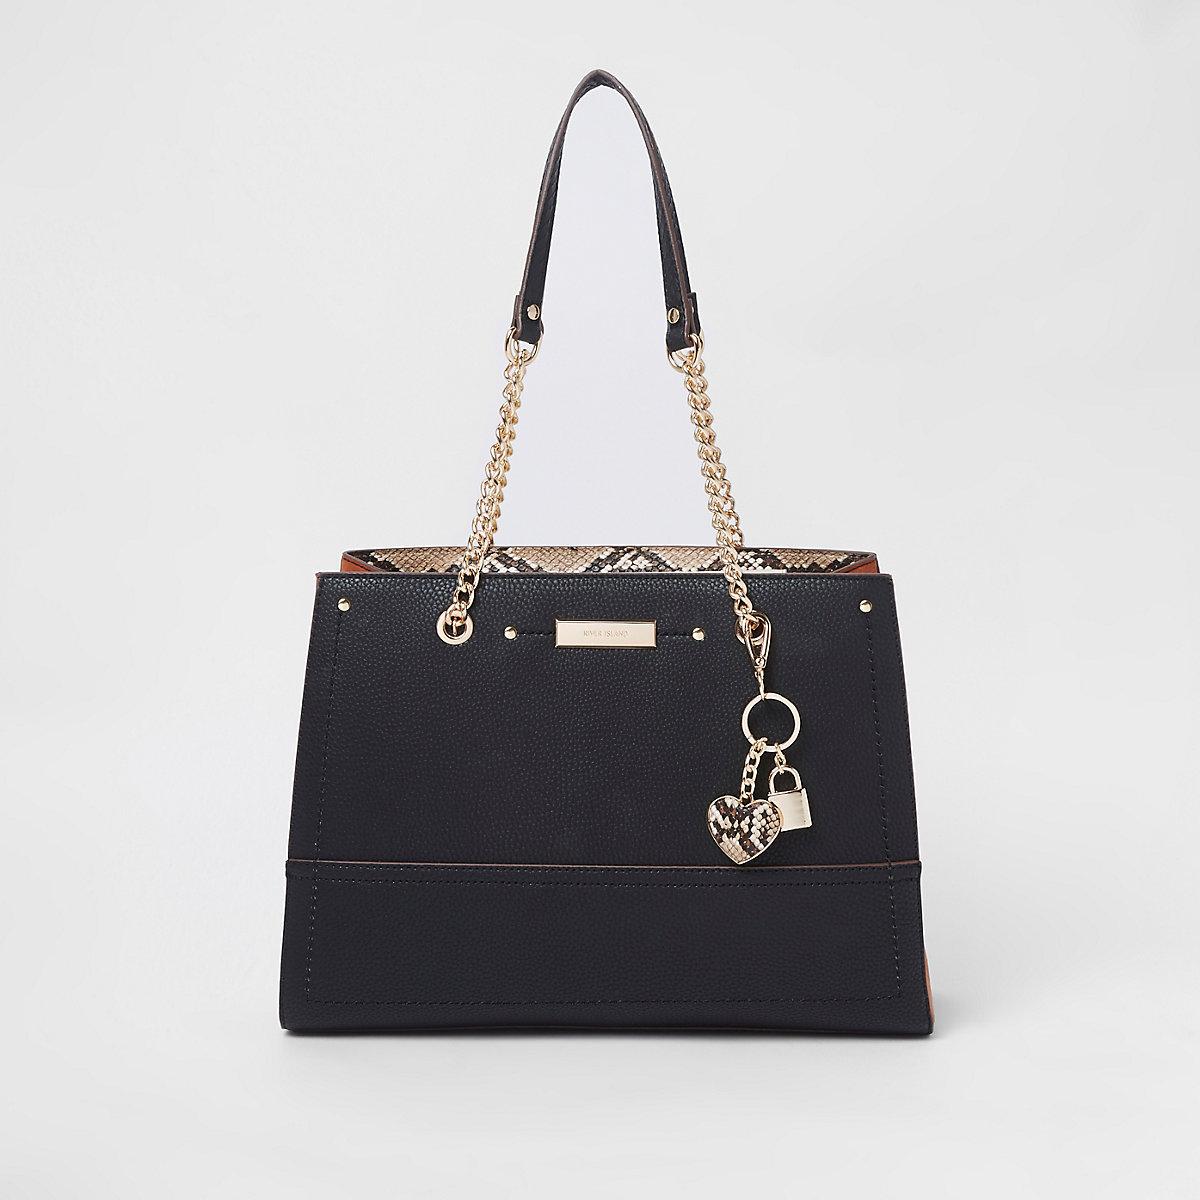 Zwarte handtas met bedeltje, structuur en ketting